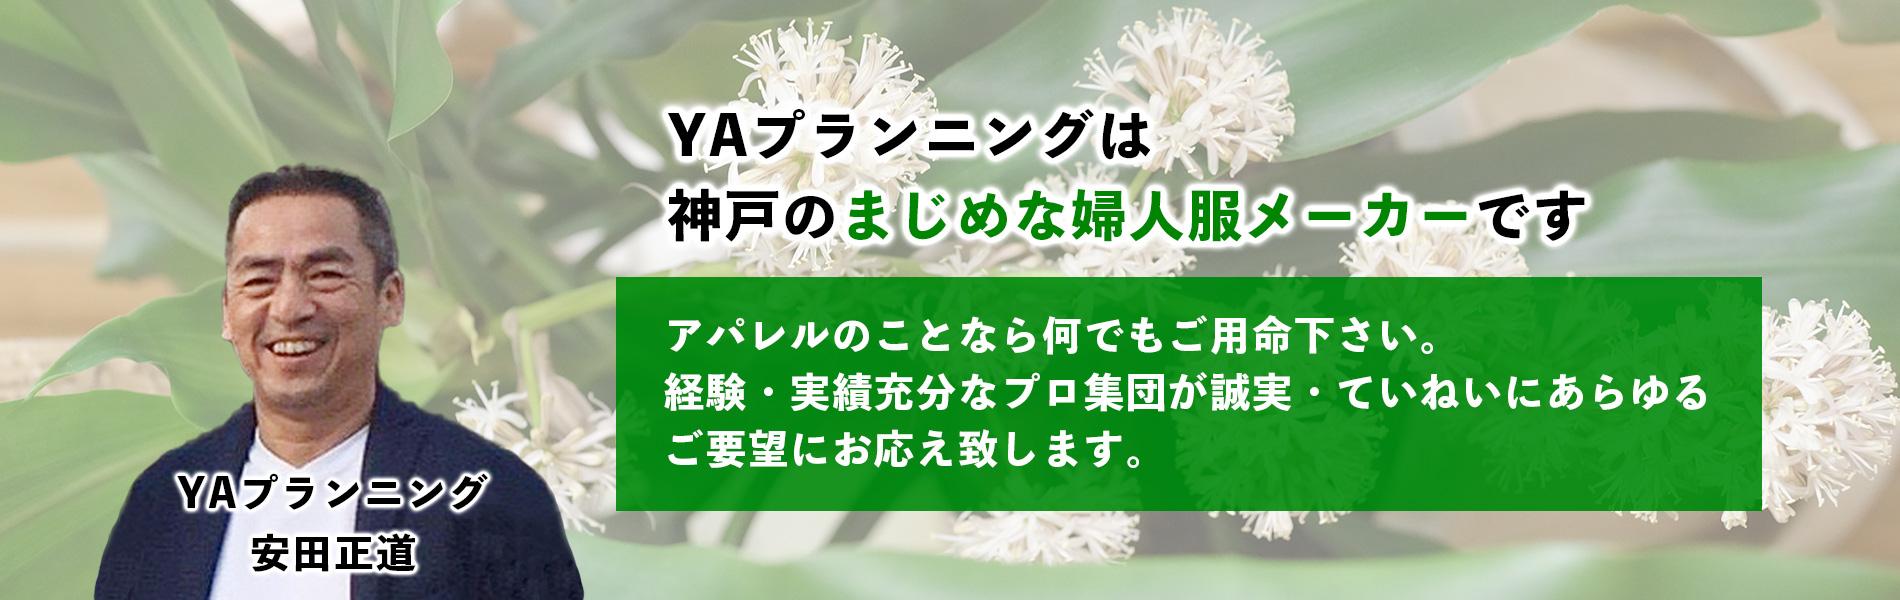 株式会社YAプランニング